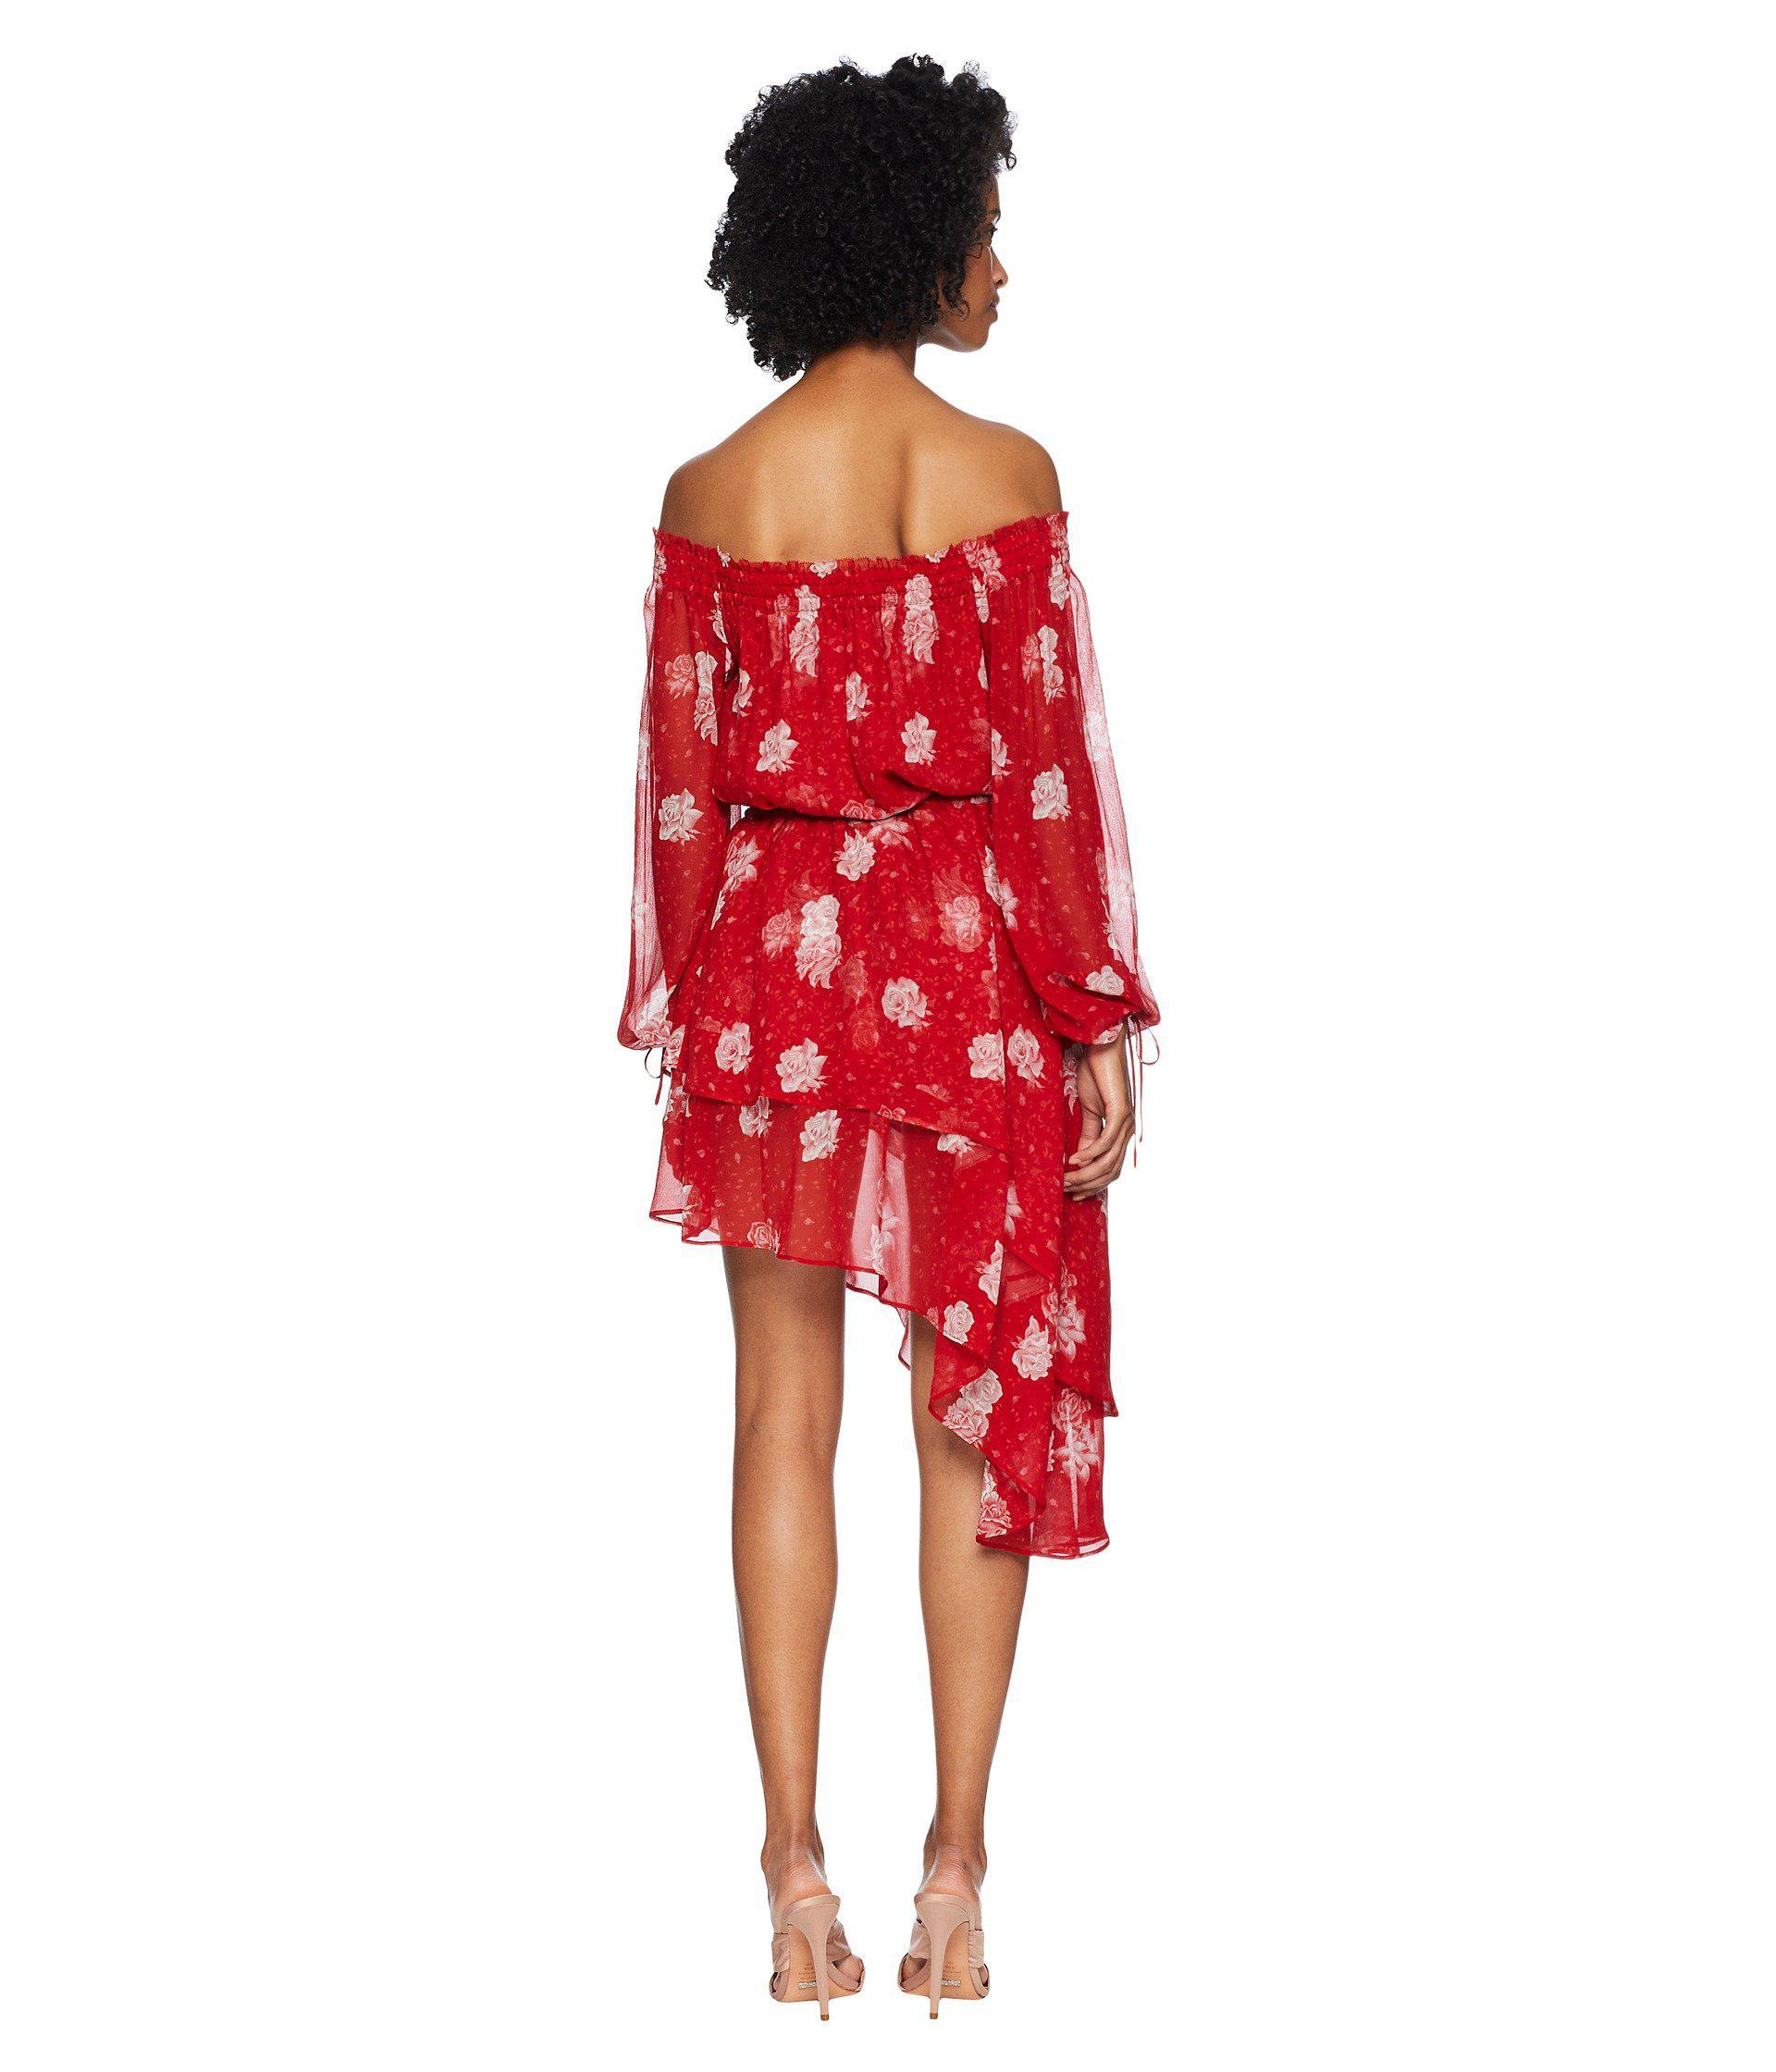 9ab26caf4b82 The Kooples Open Shoulder Dress In Rosie Blues Print Silk Muslin ...